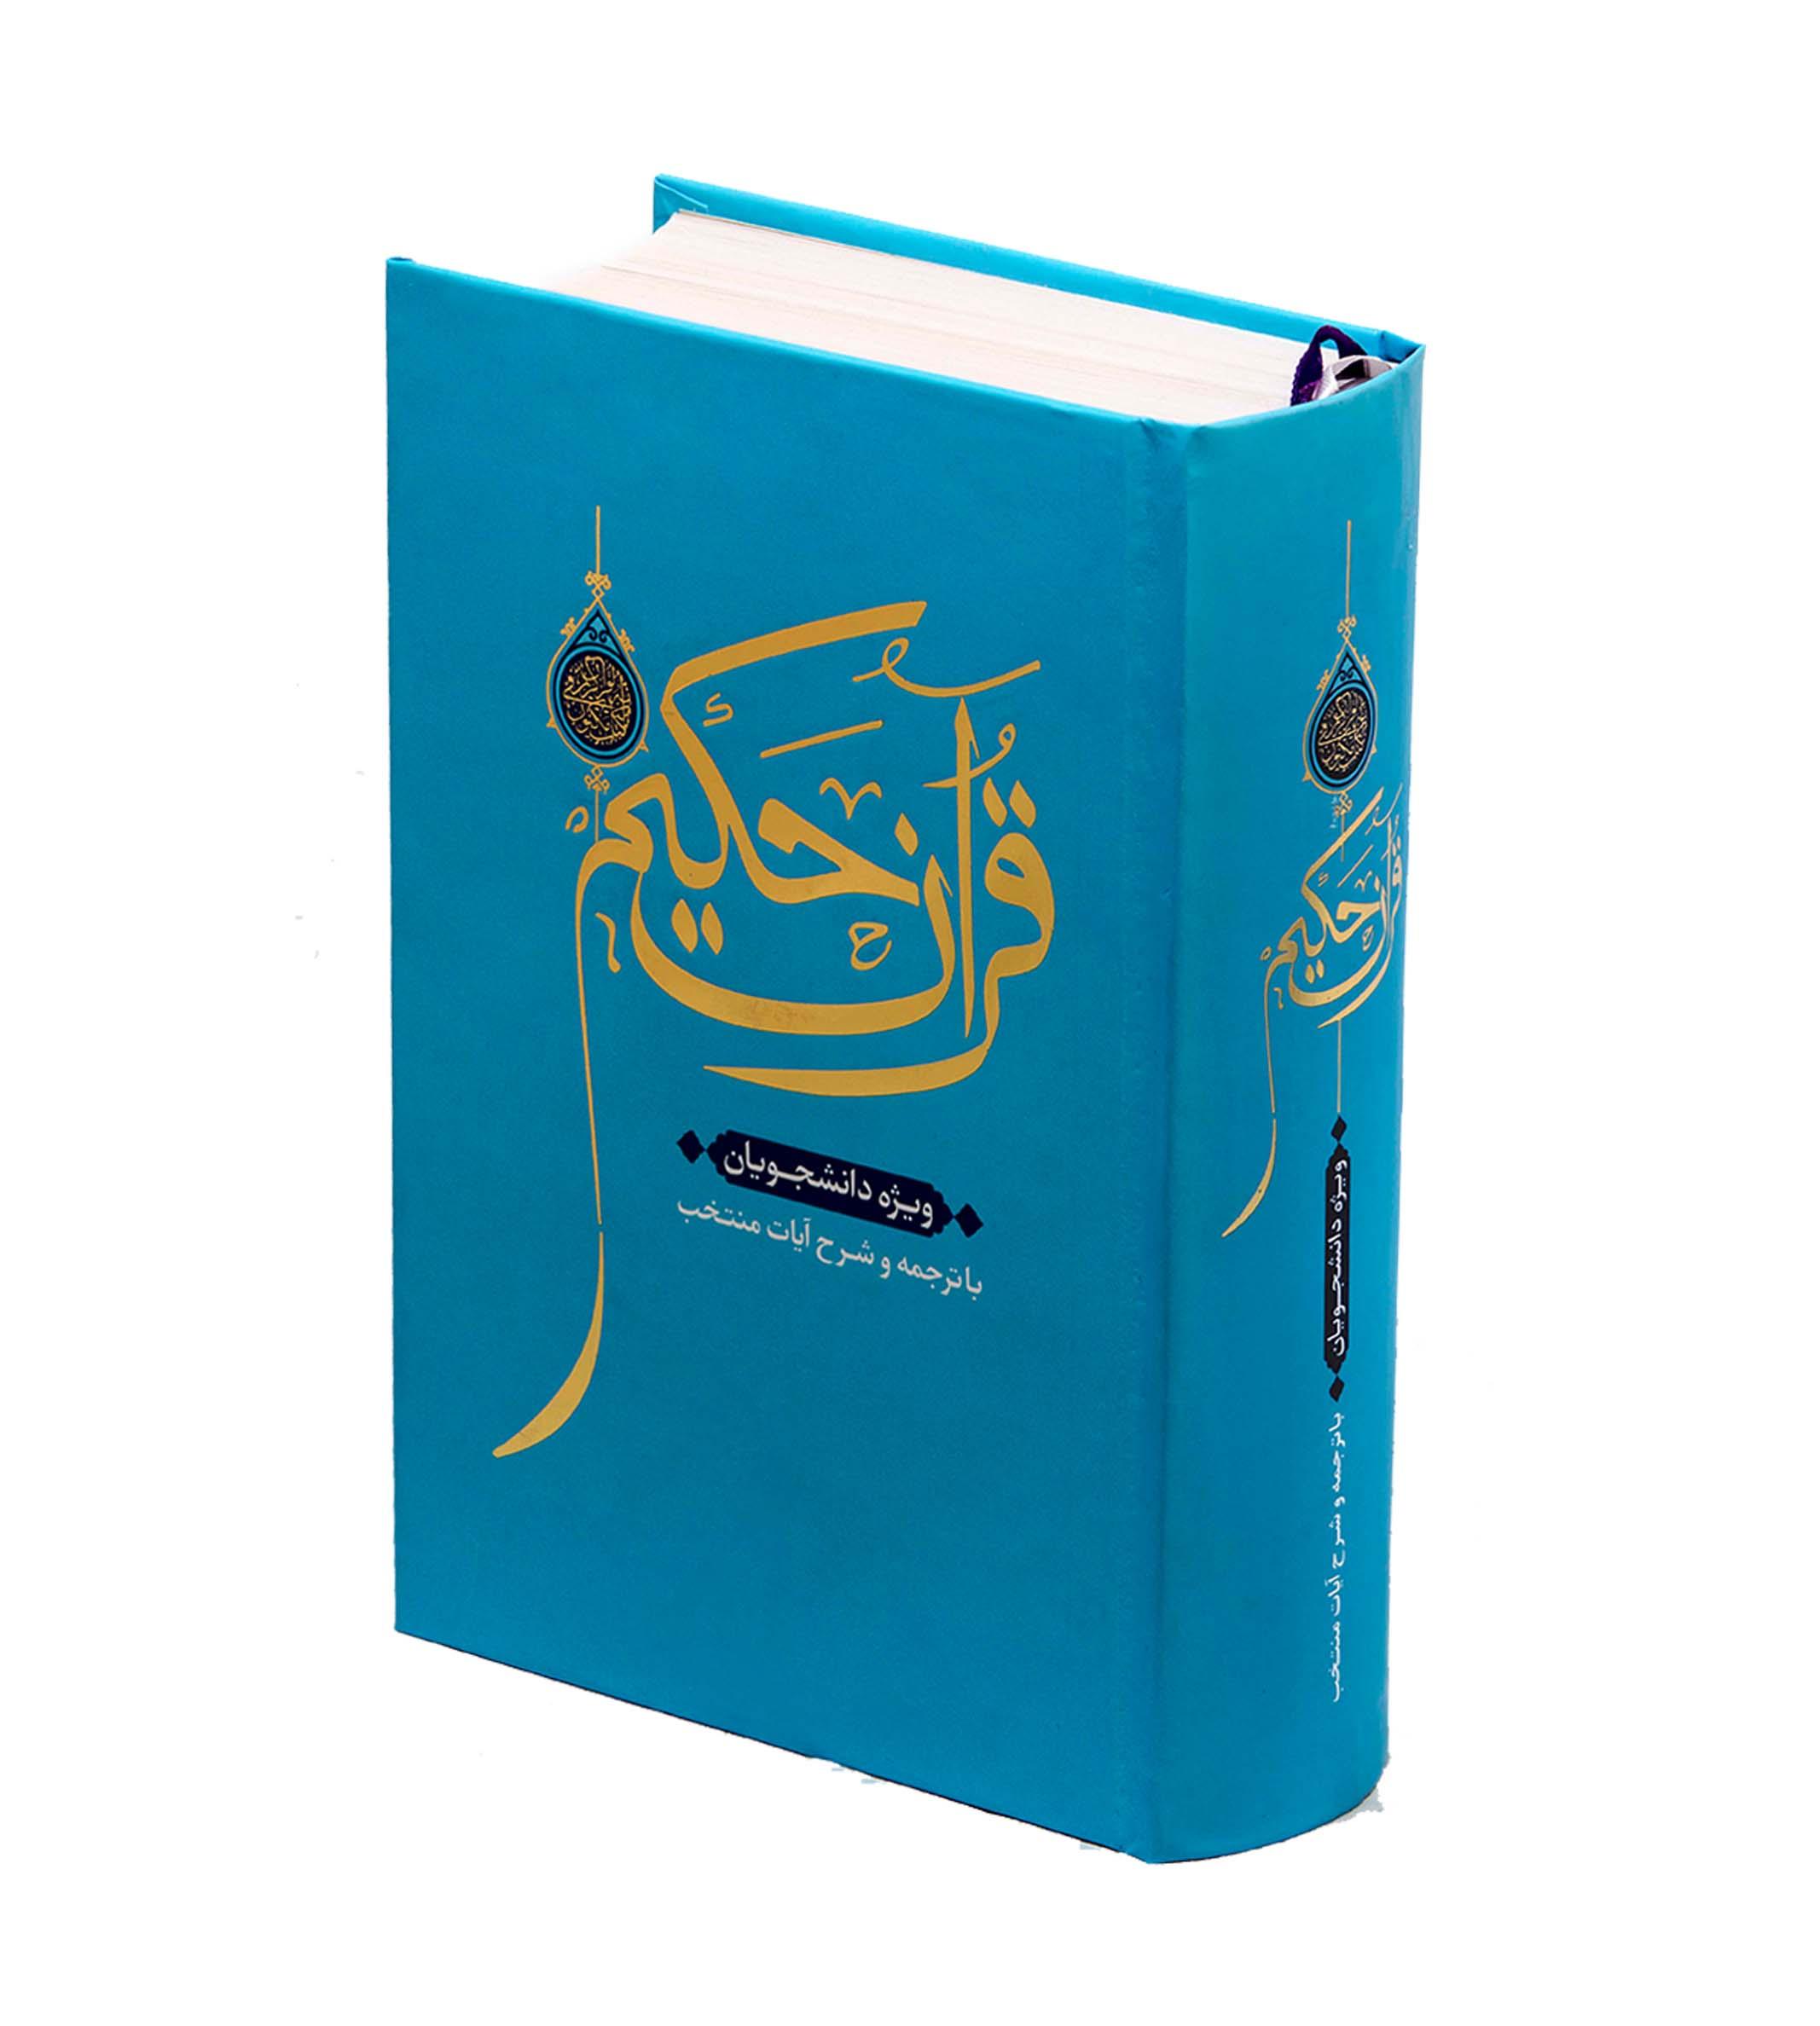 قرآن حکیم همراه با شرح ویژه ی دانشجویی